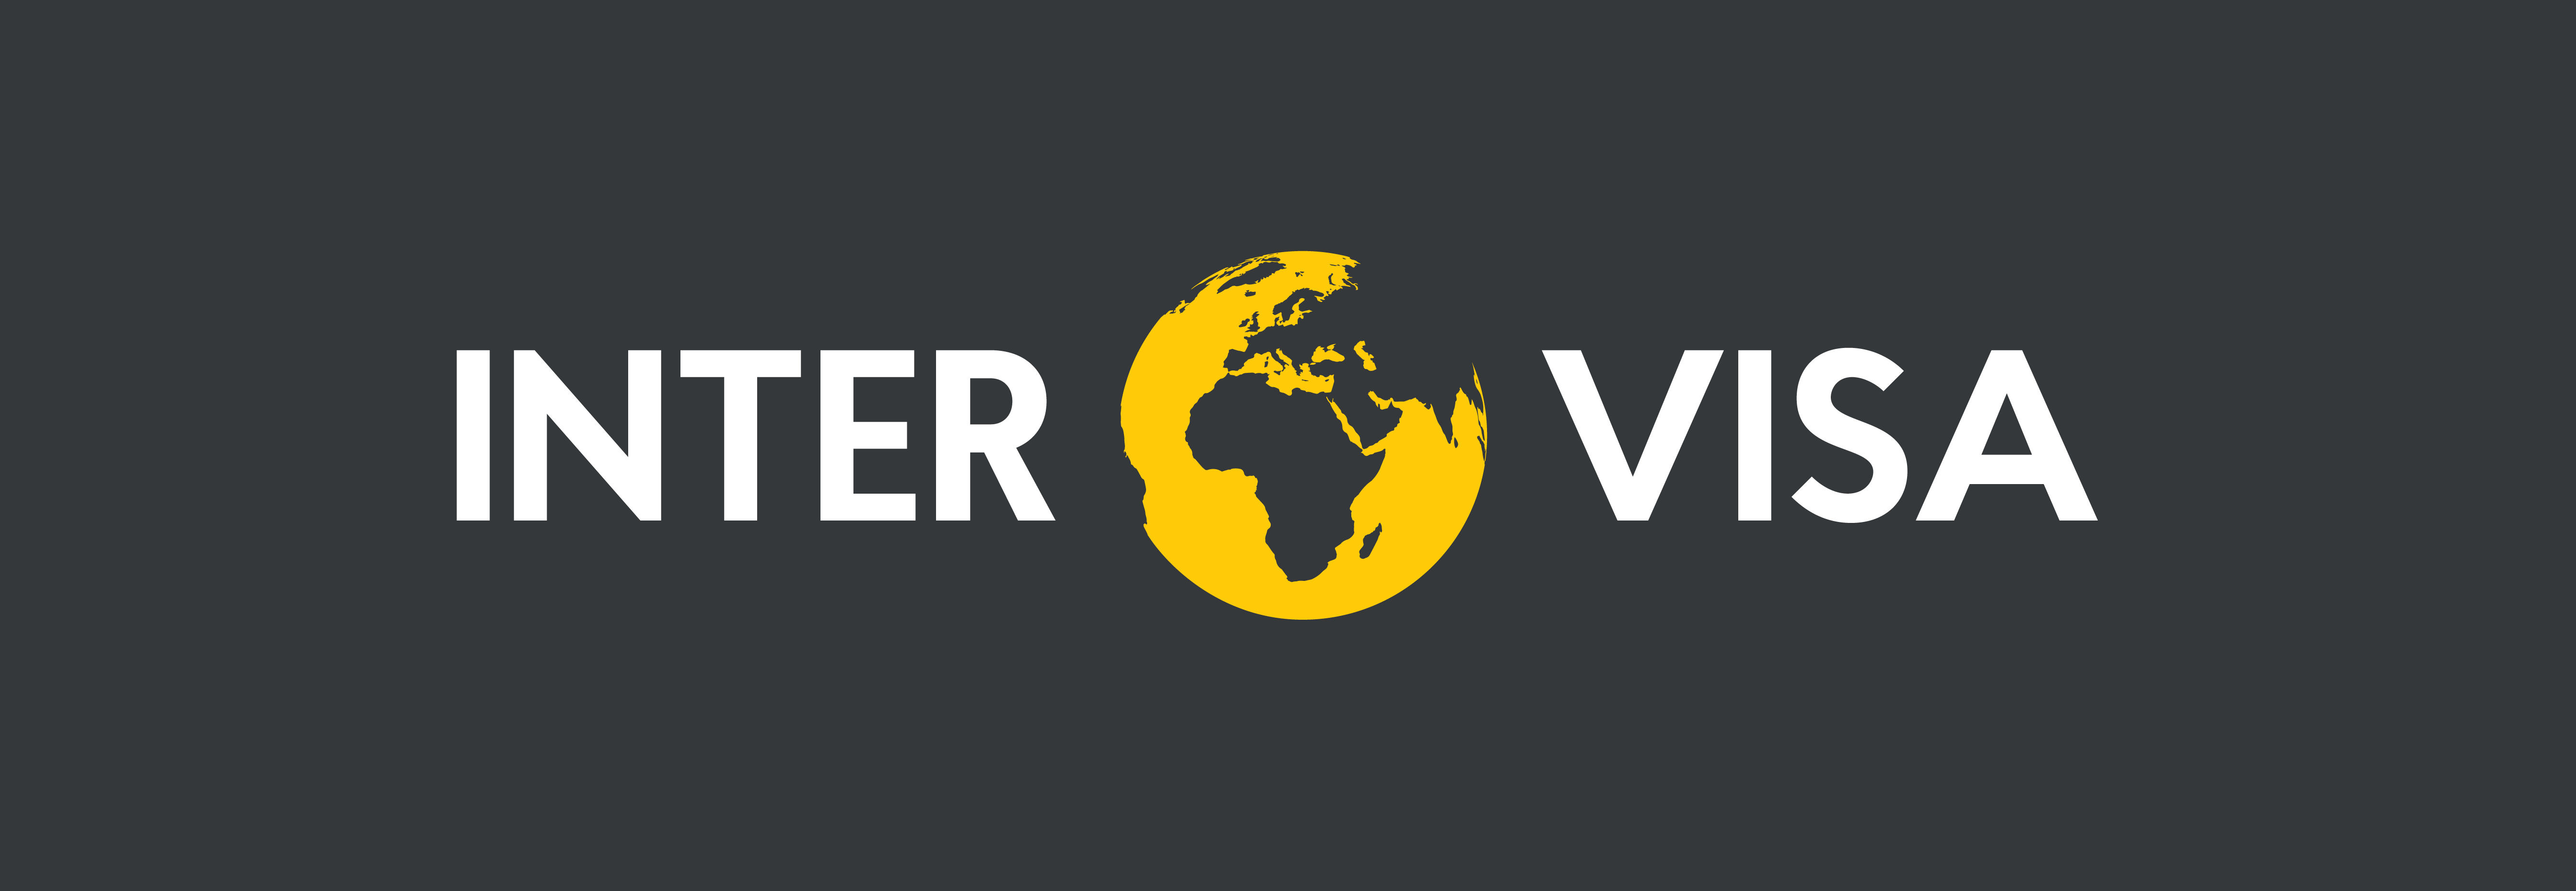 inter-visa